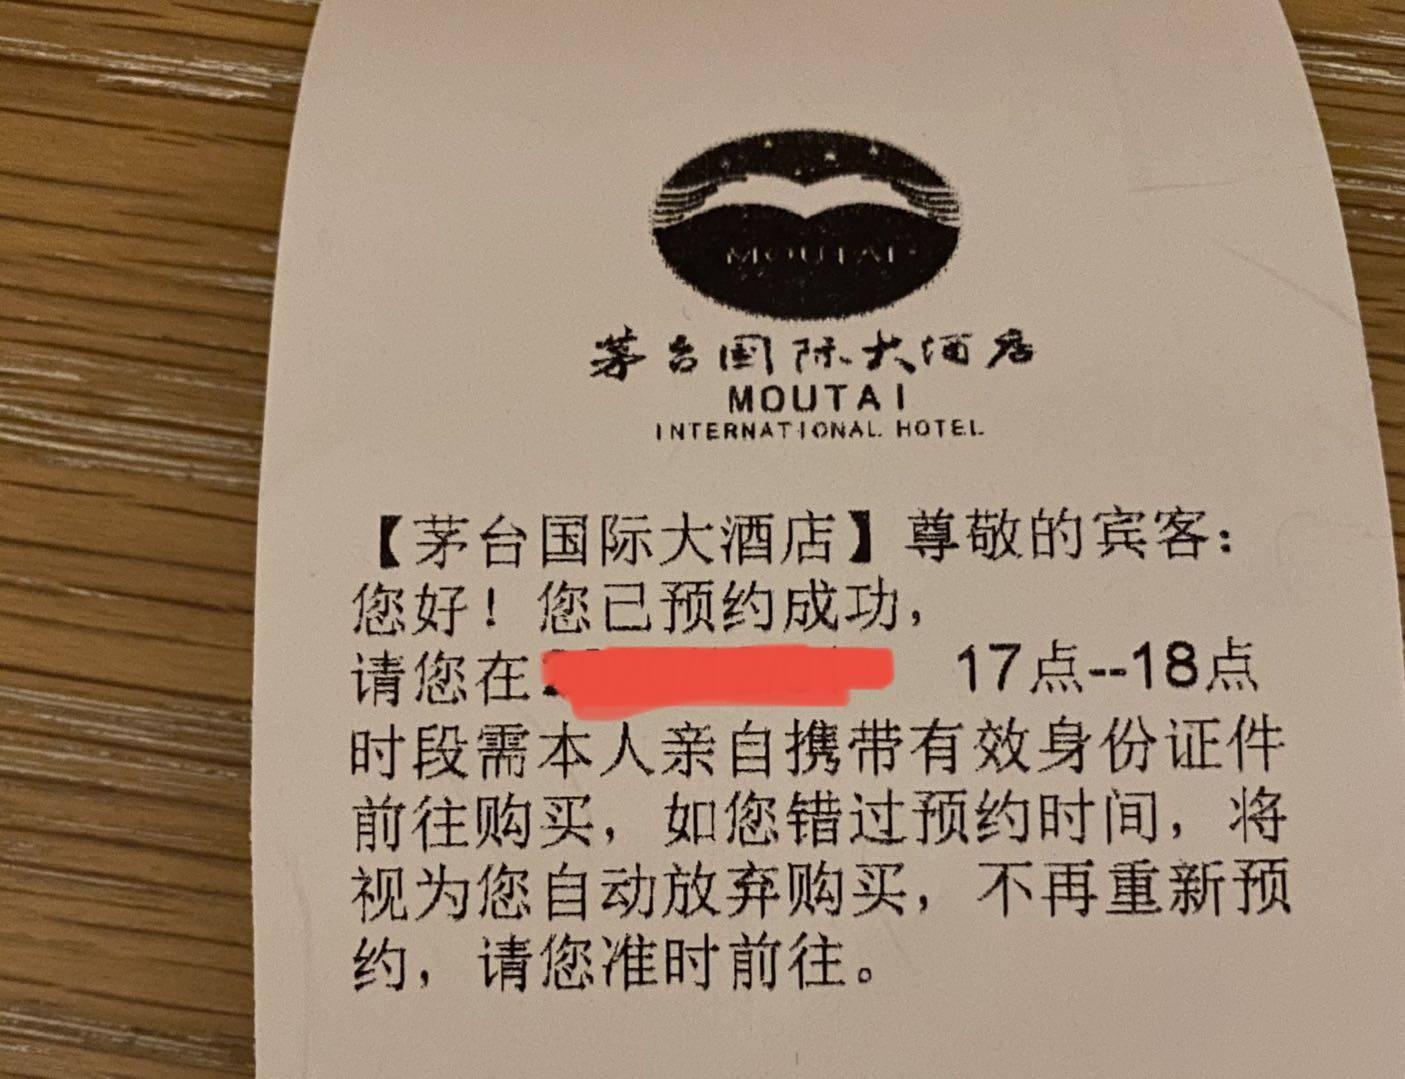 茅台酒店取消茅台活动